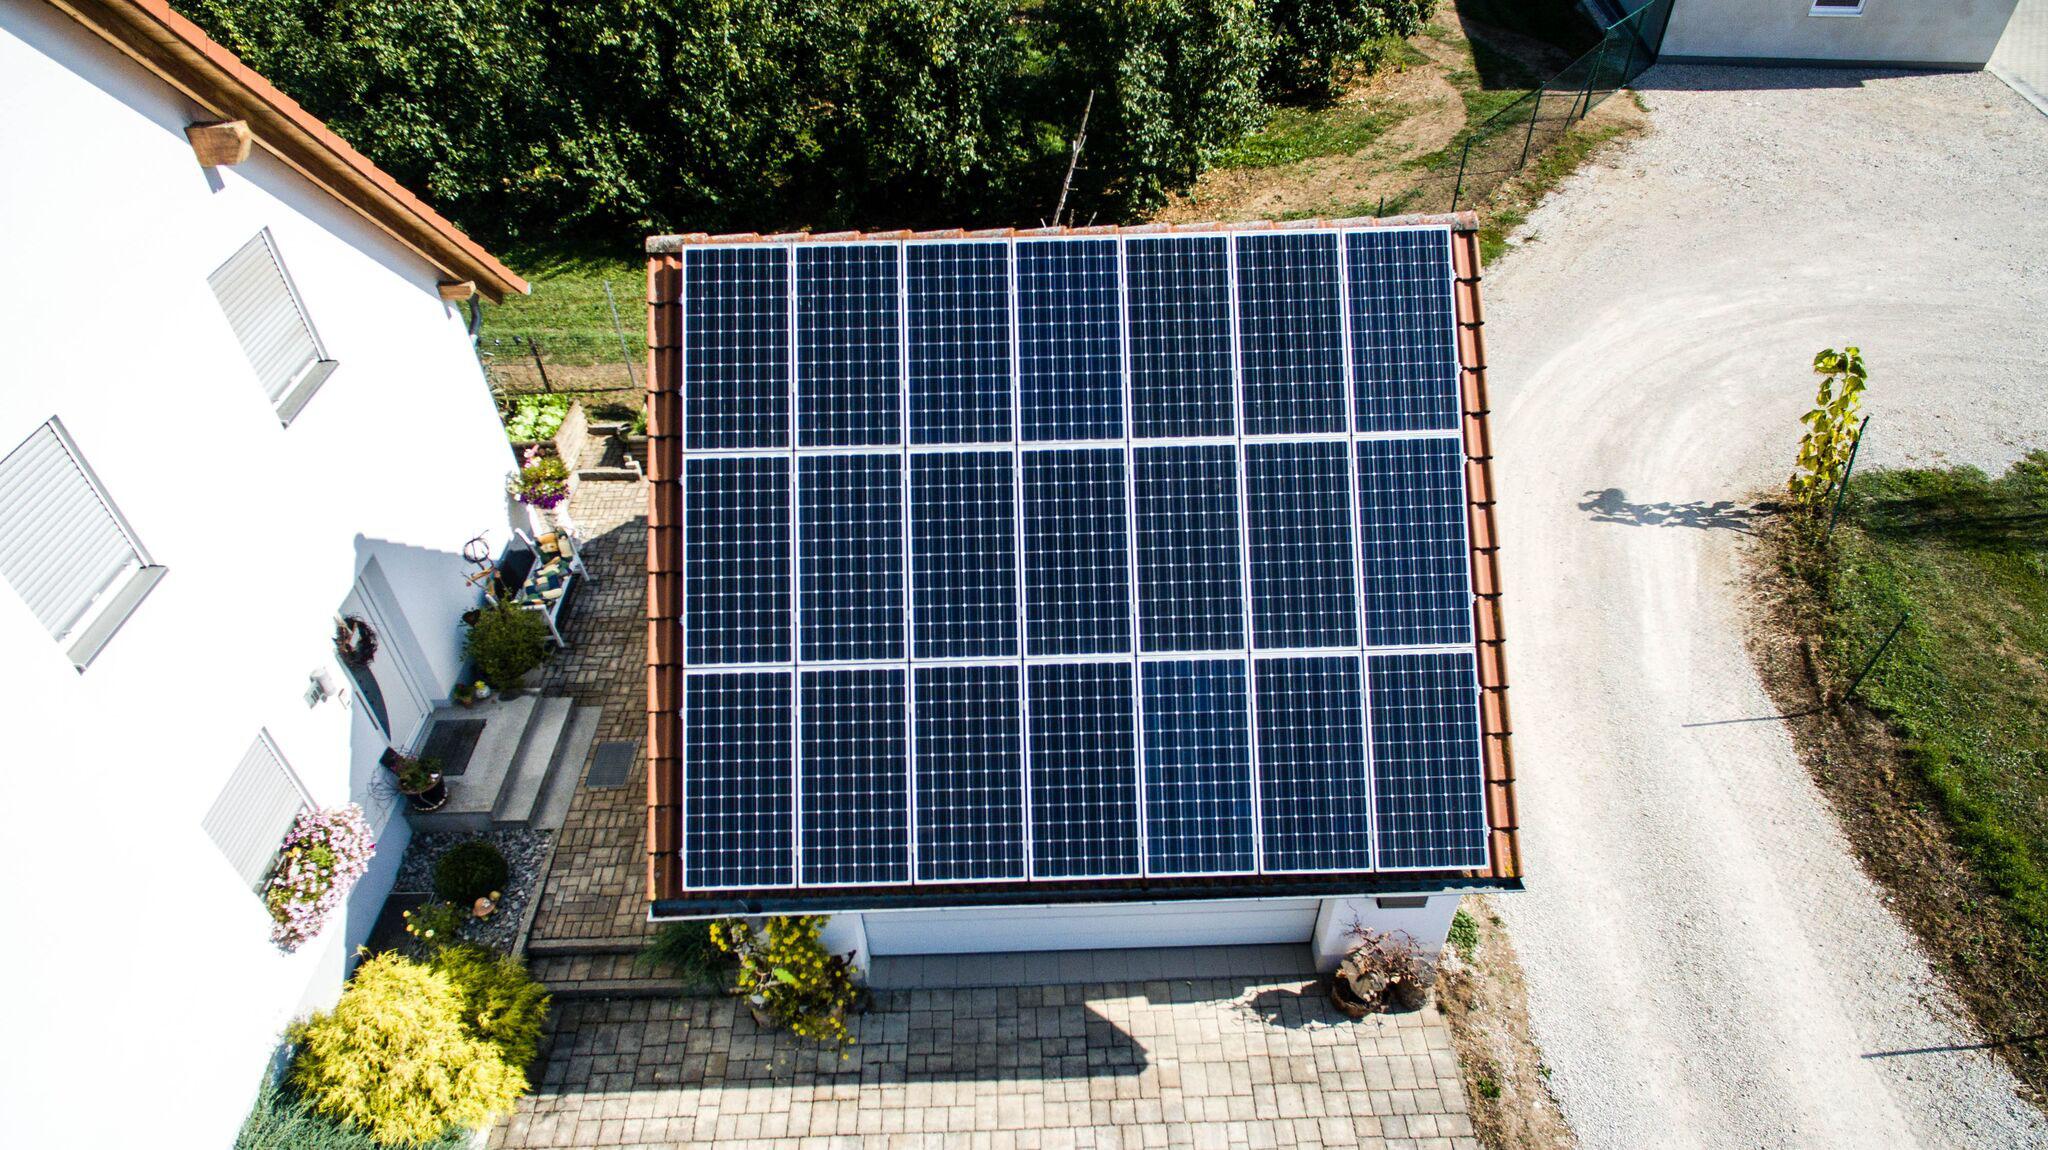 caterva batterie speicher und der preis solar photovoltaik waermepumpe. Black Bedroom Furniture Sets. Home Design Ideas